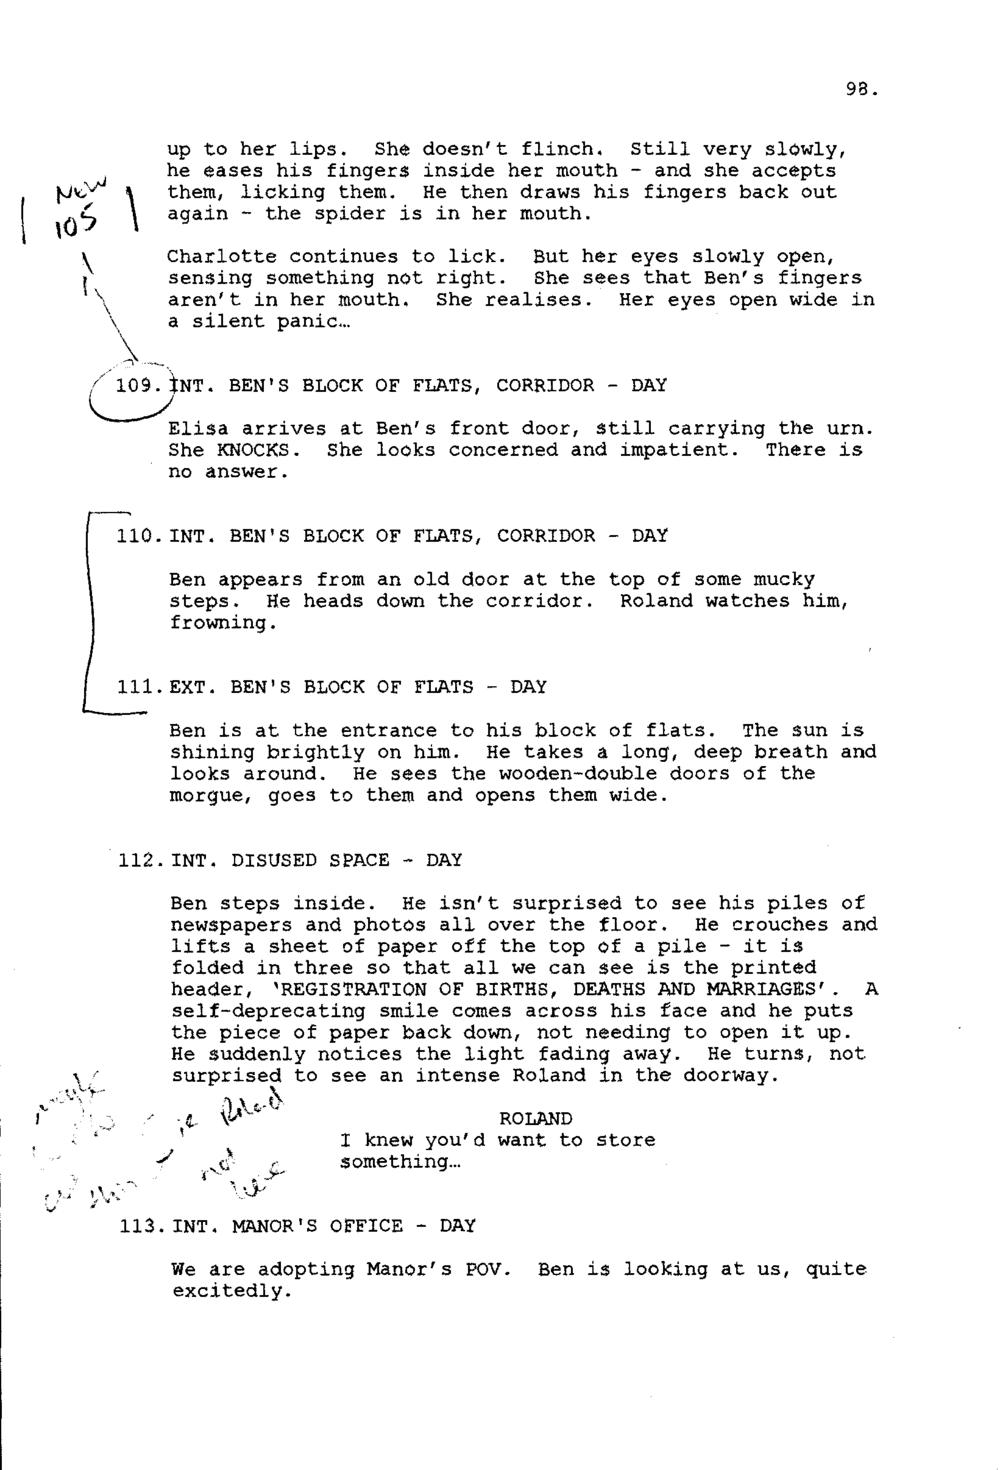 scriptpage2.png